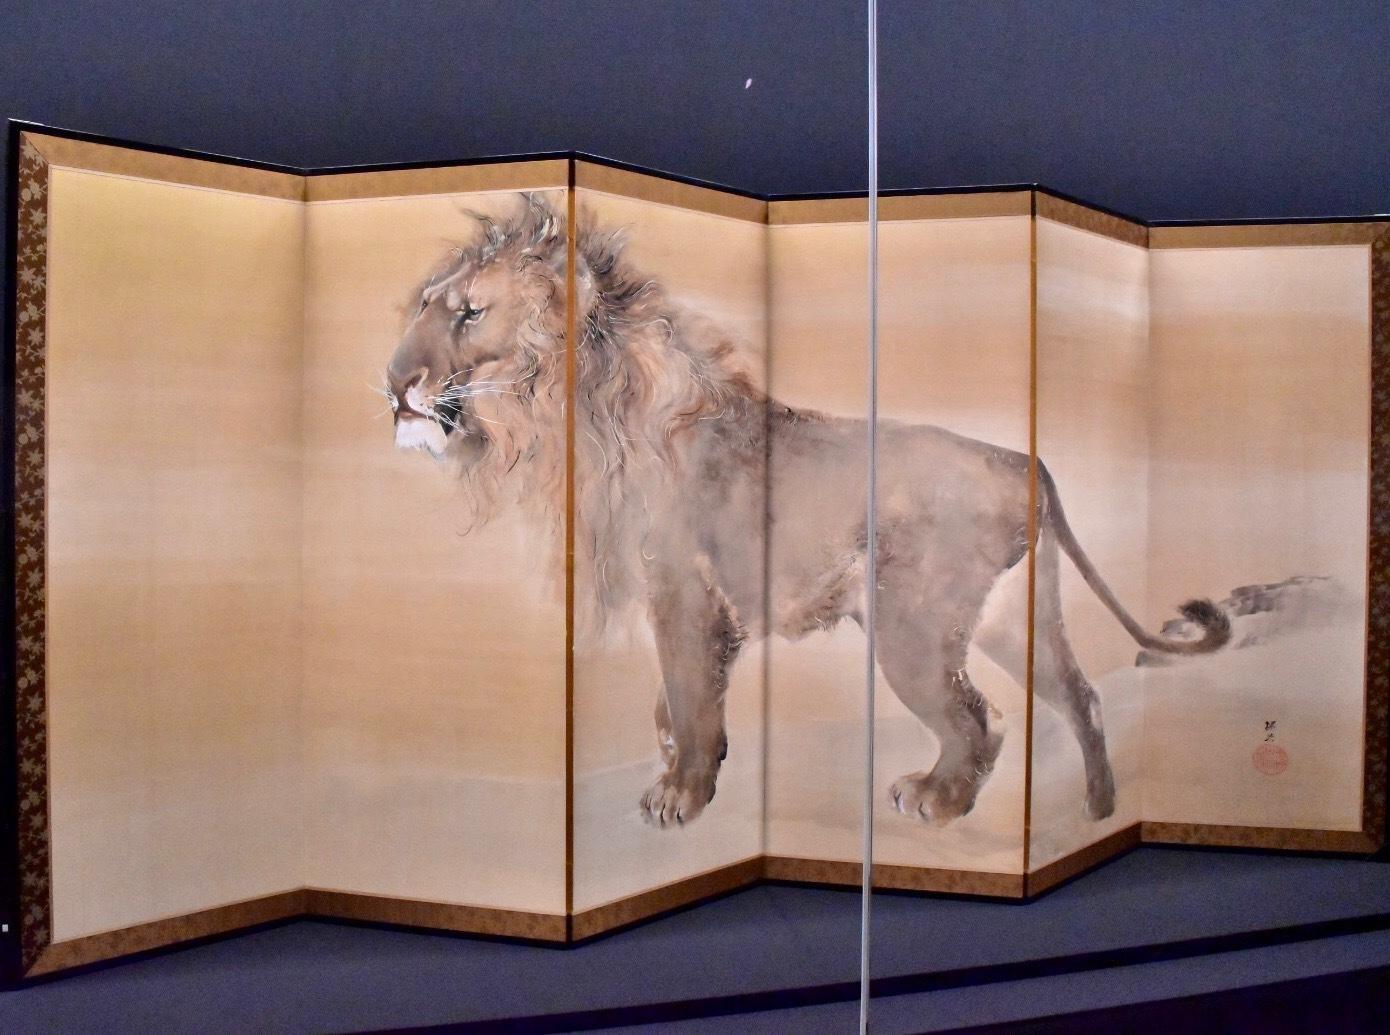 獅子虎図屏風(右隻) 明治37年(1904) 個人蔵